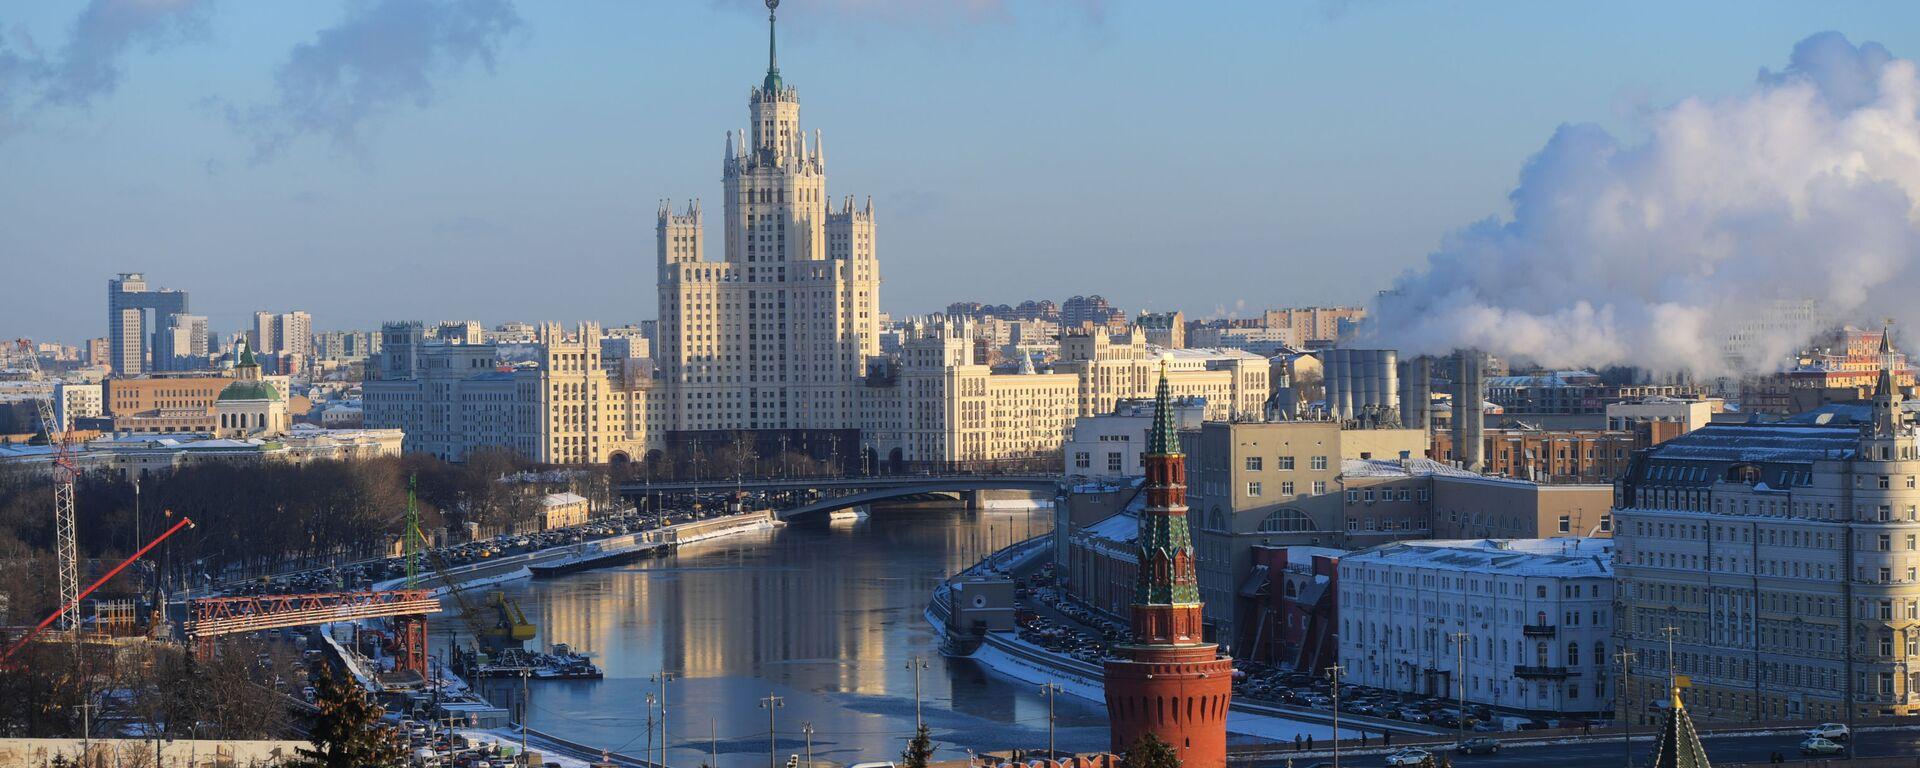 Moskva - Sputnik Česká republika, 1920, 25.05.2021